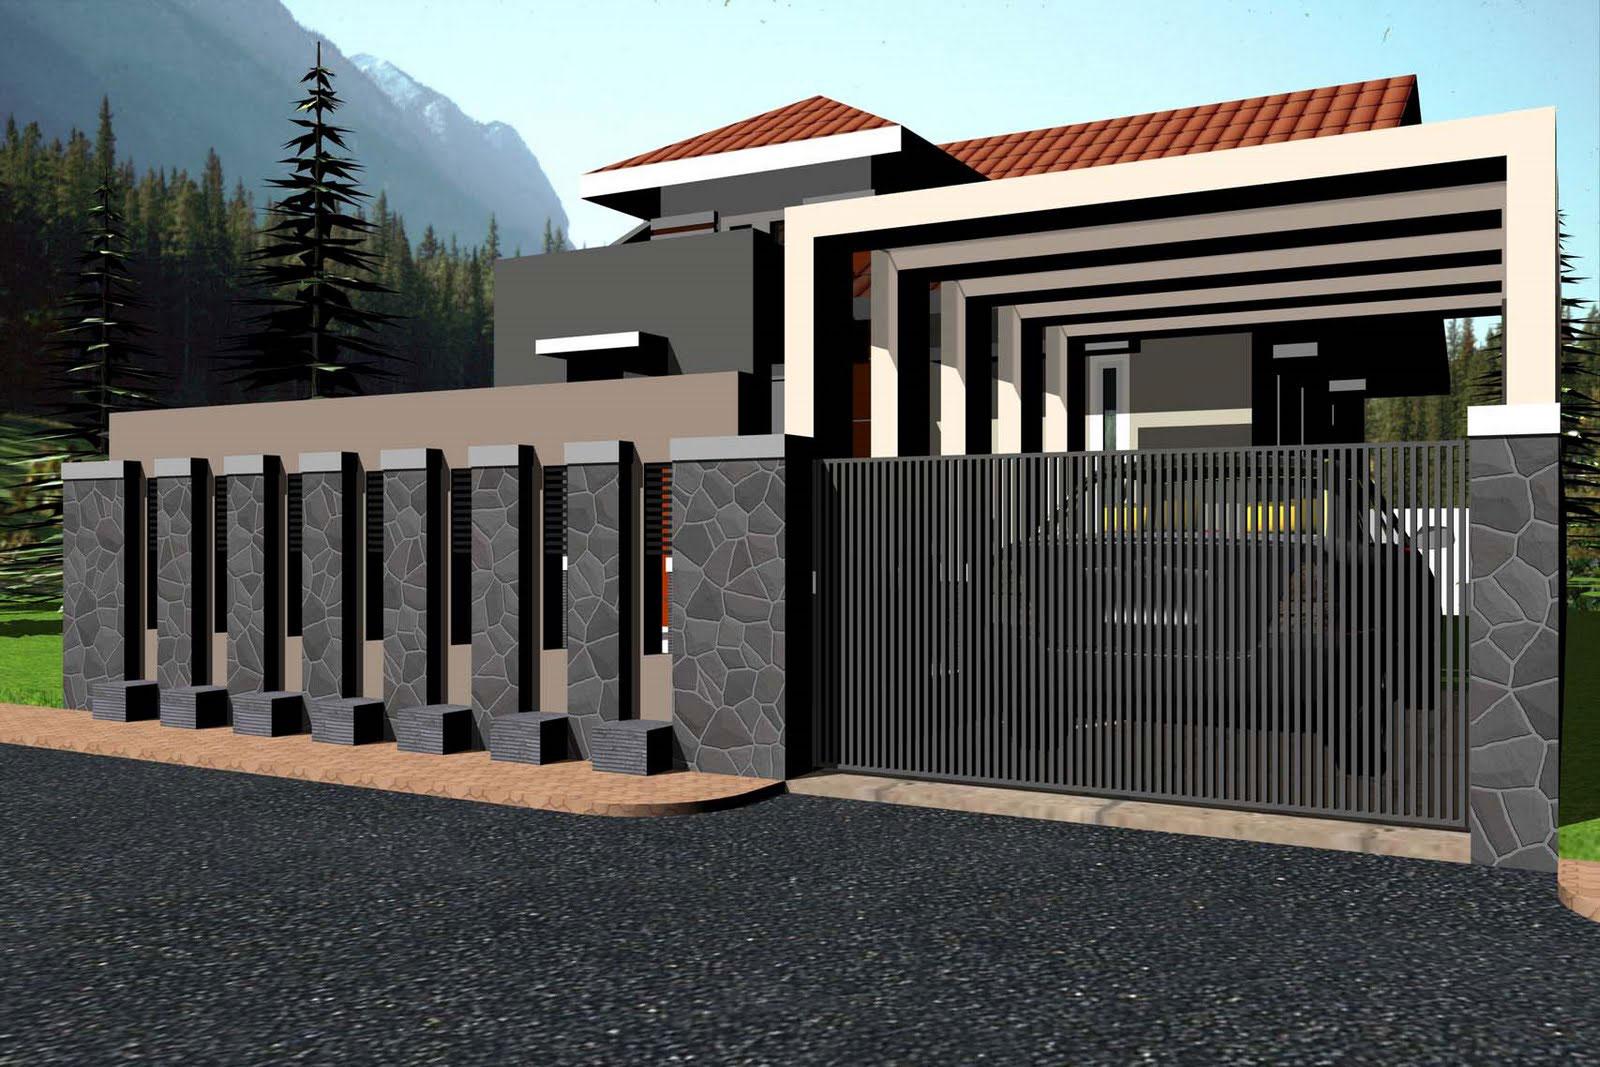 70 Desain Pagar Rumah Minimalis Kayu dan Besi